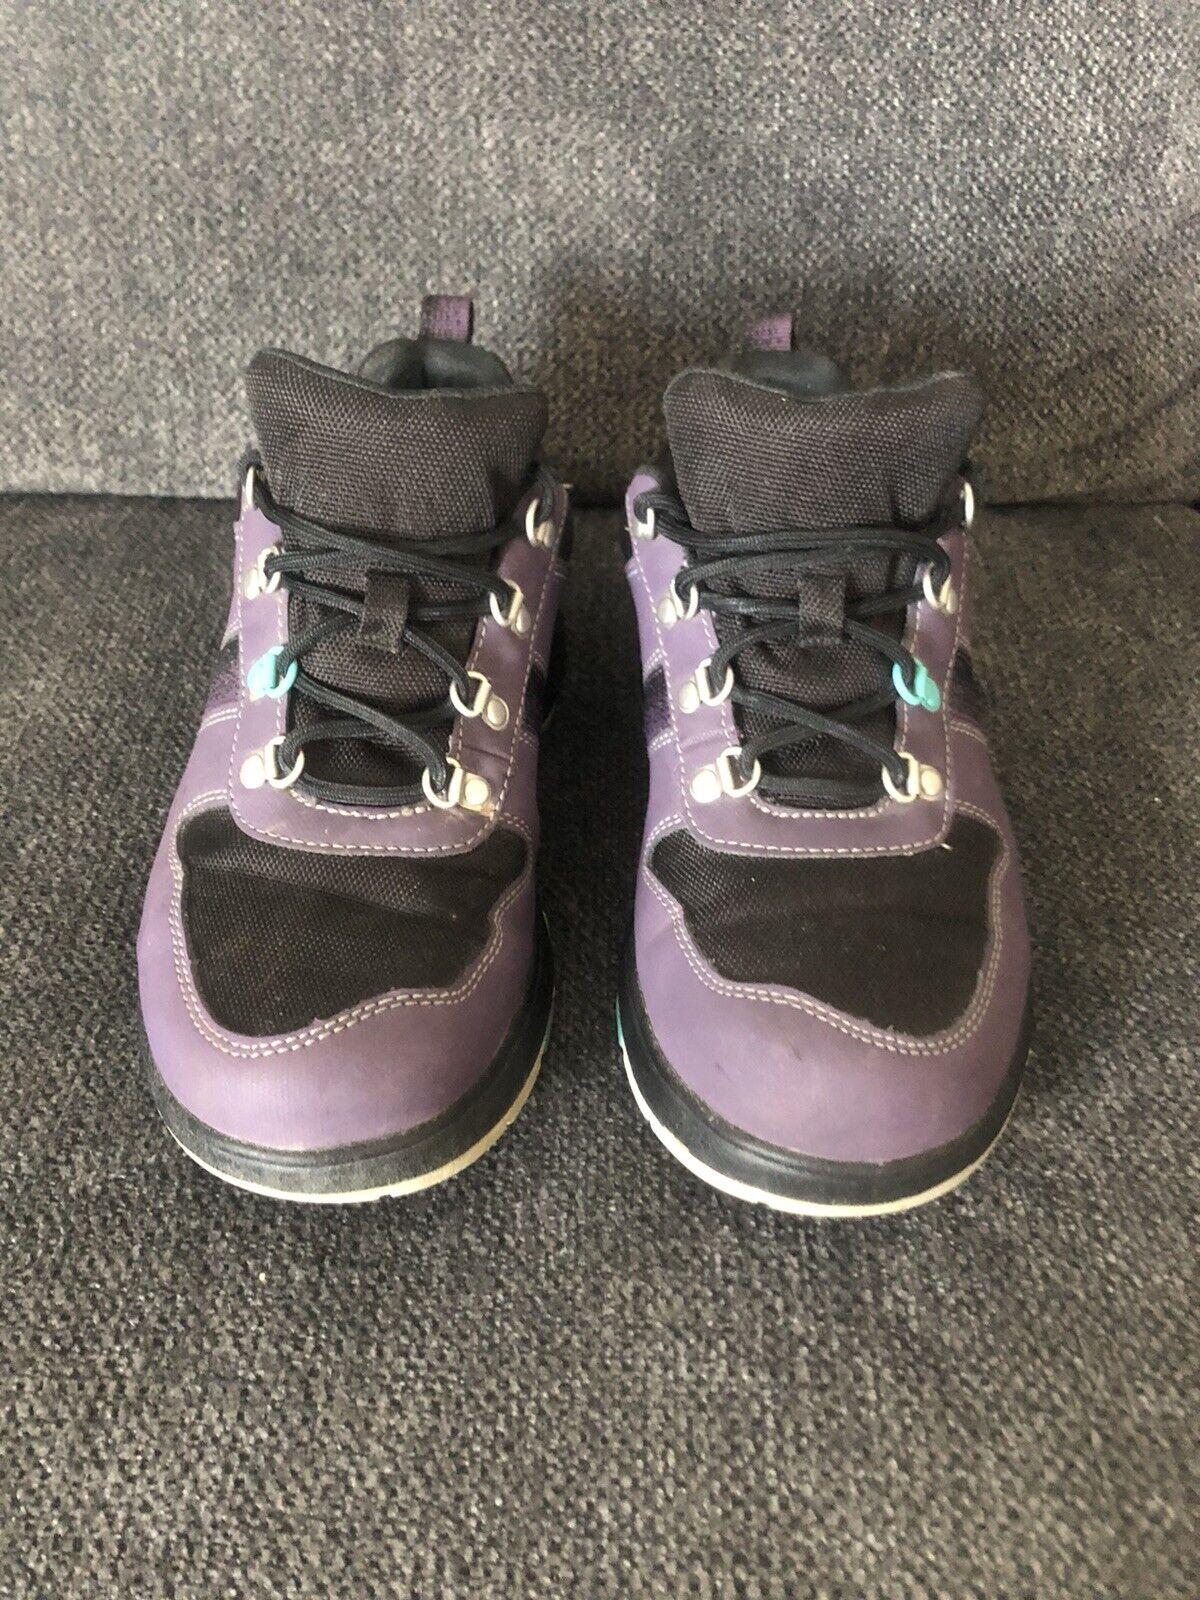 Chaco Randonnée en Plein Air Chaussures Confort Violet/Noir Femme Taille 8.5